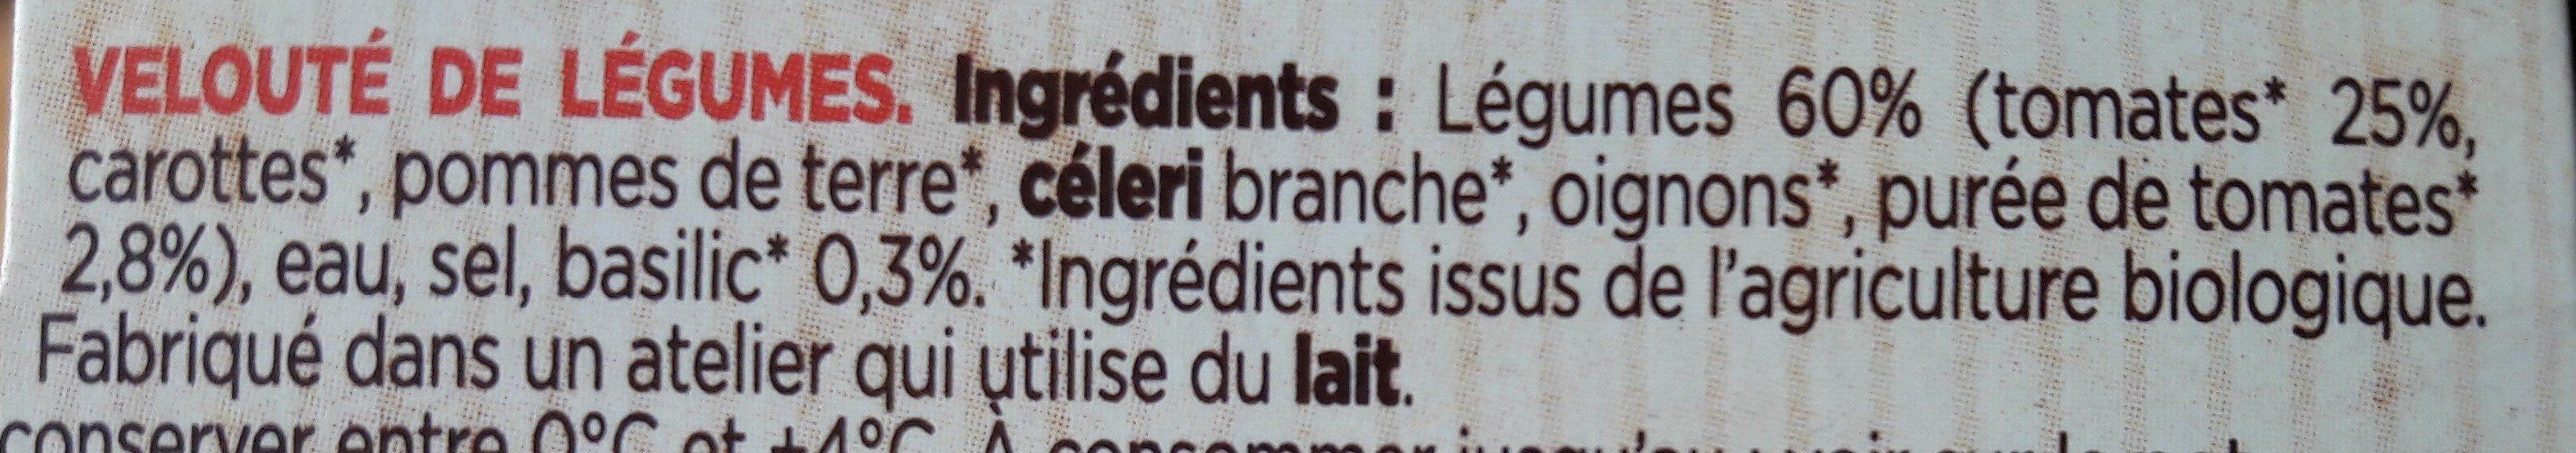 Velouté de tomates et basilic - Ingrédients - fr